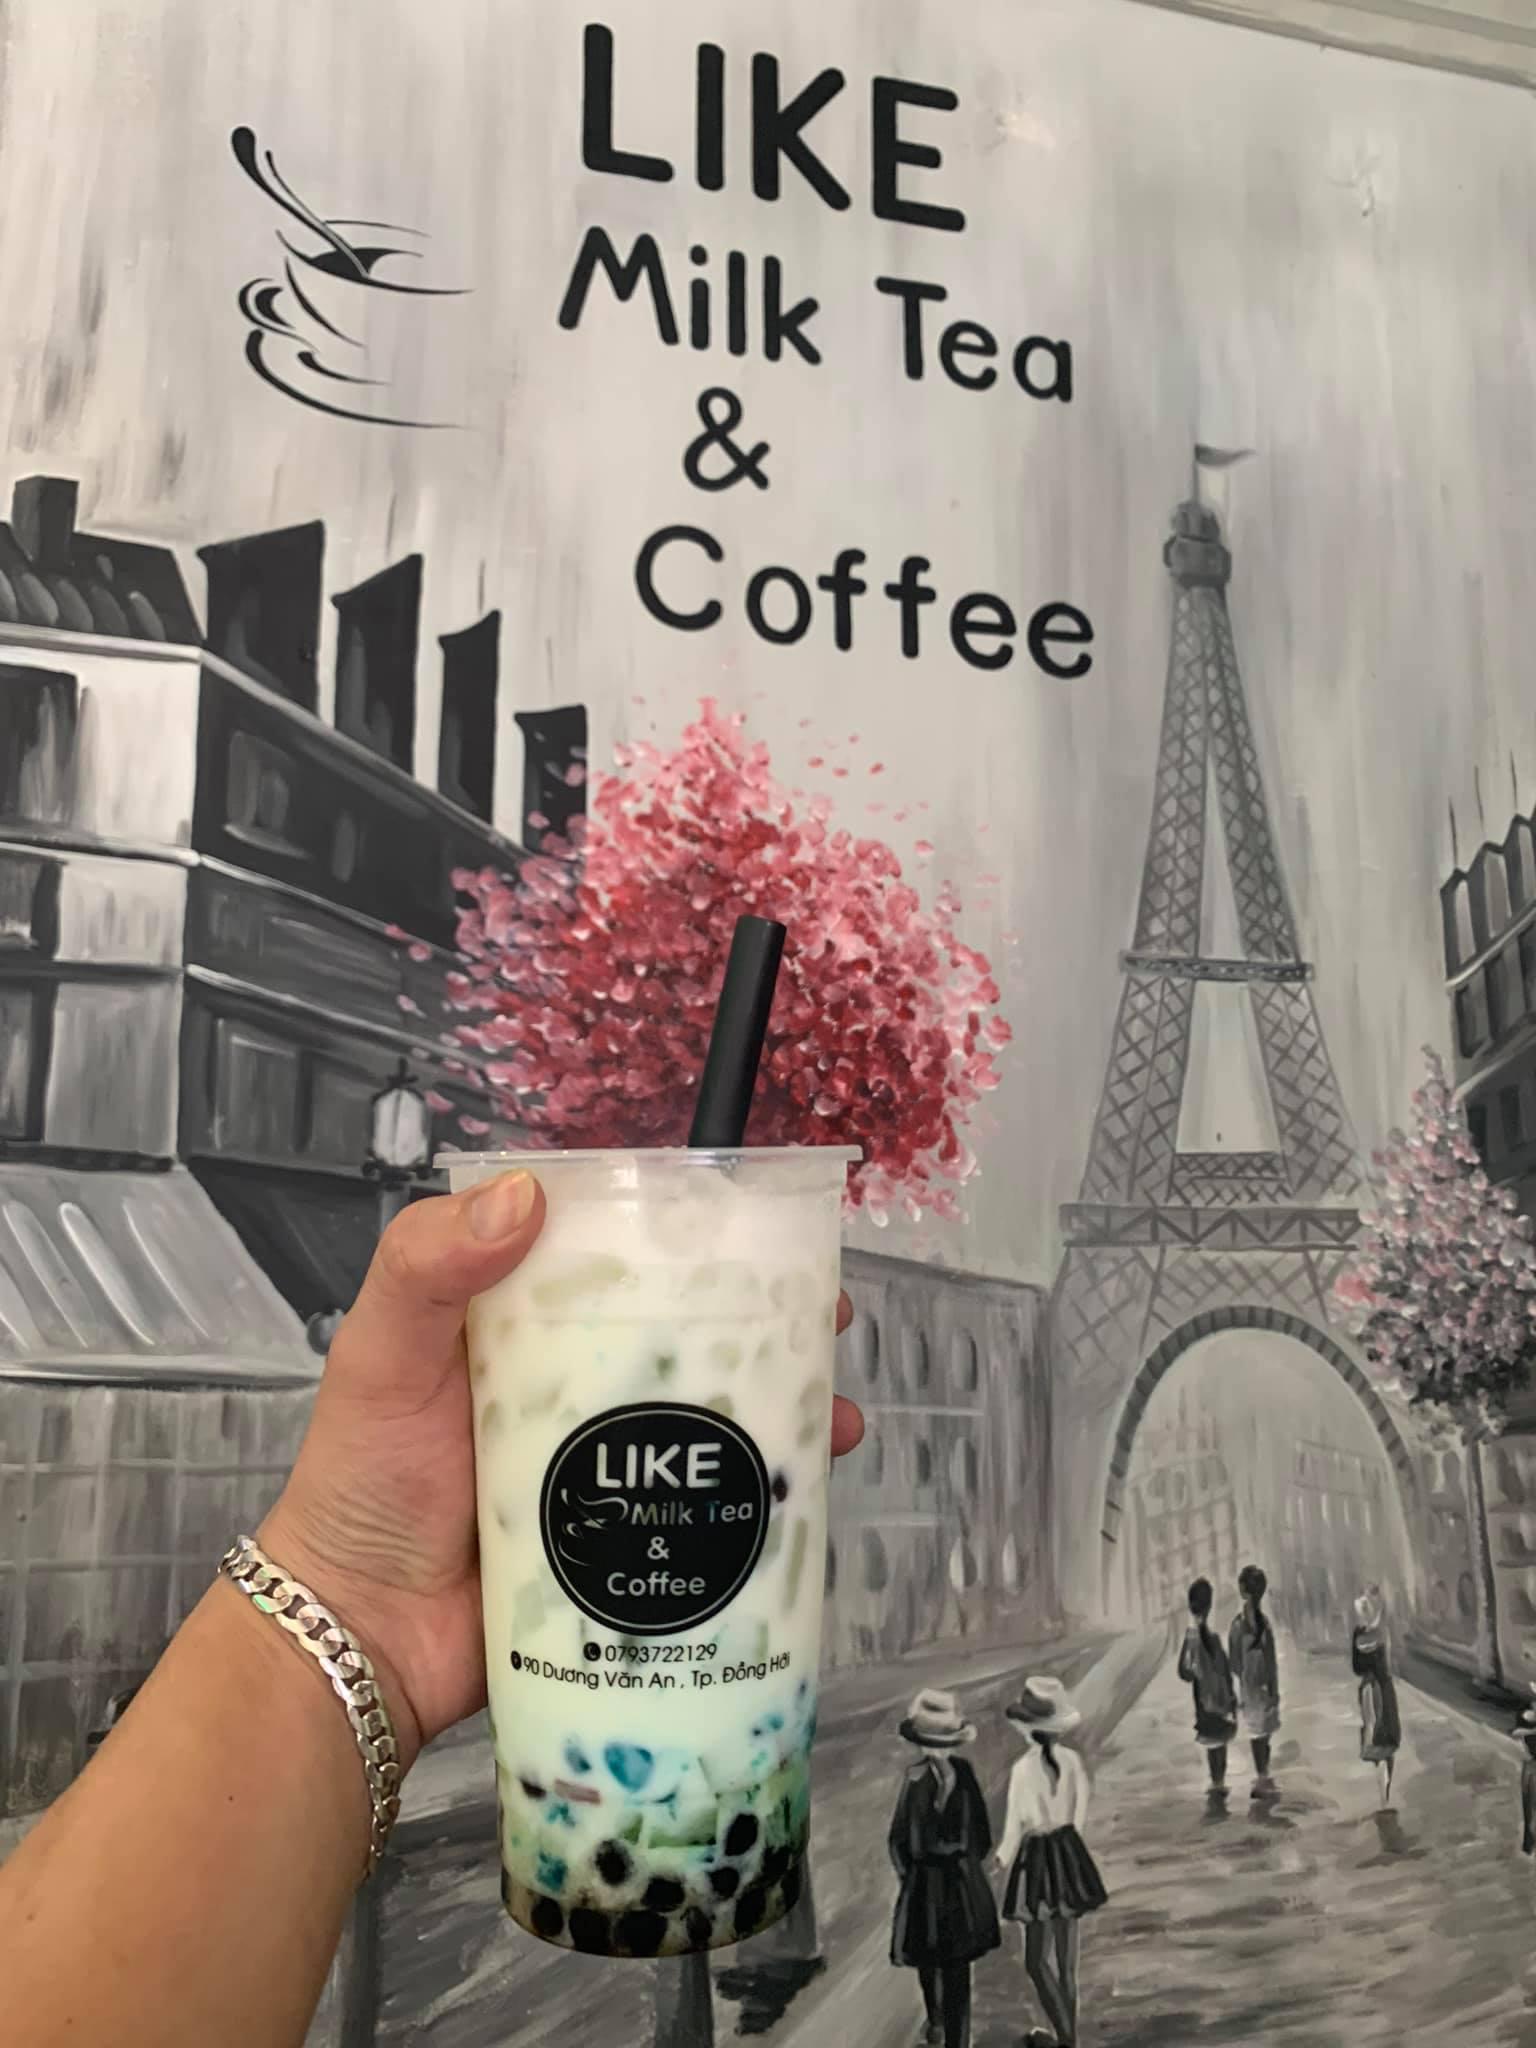 Like - Milk tea & Coffee